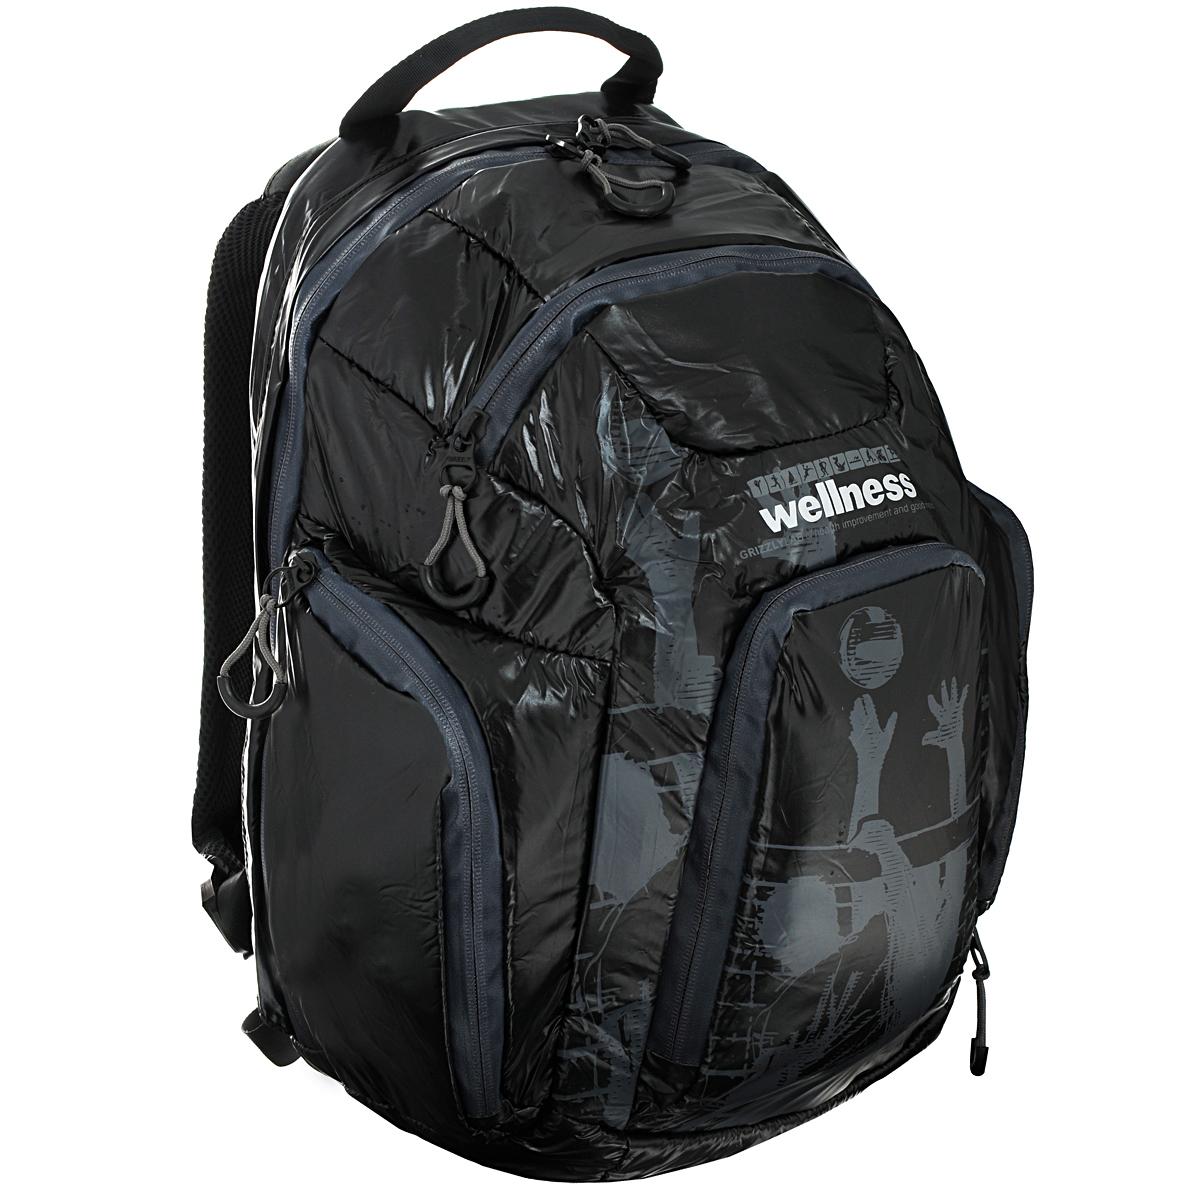 Рюкзак молодежный Grizzly, цвет: черный, серый. RU-417-1 цены